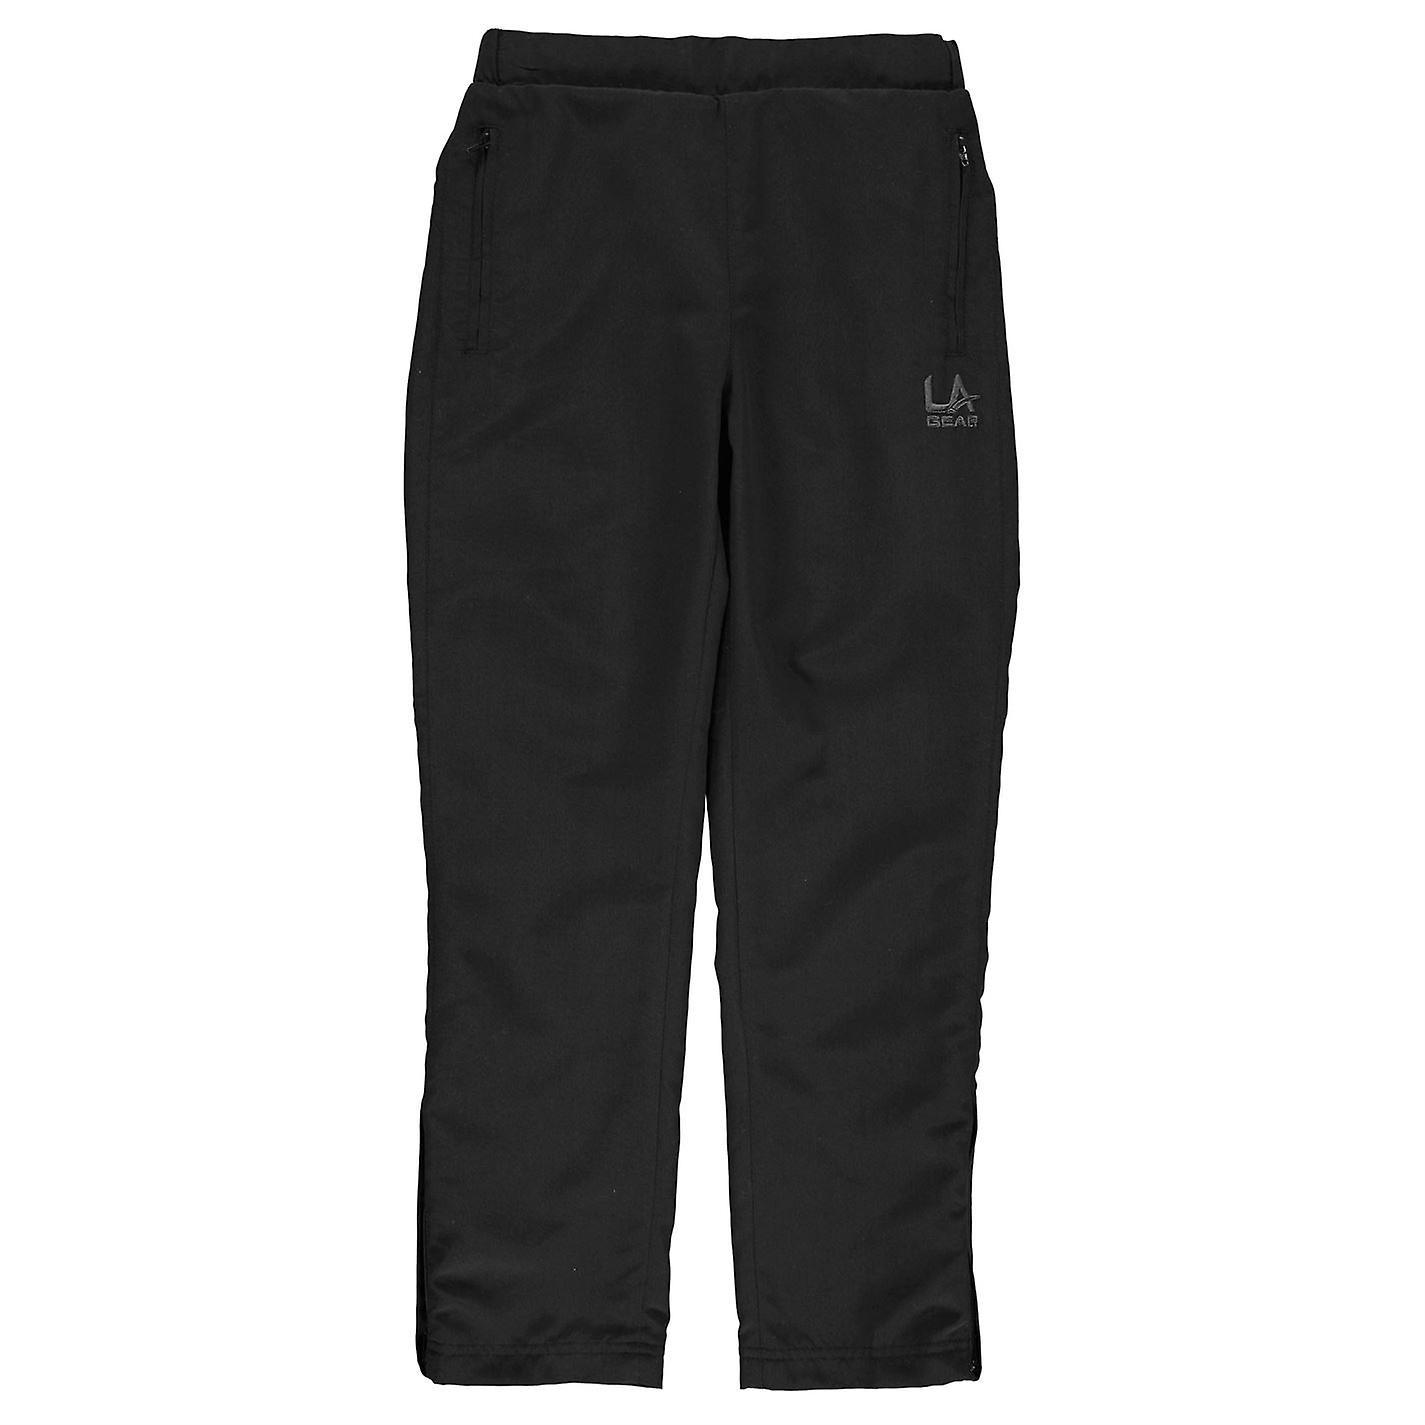 LA Gear Kids Girls Open Hem Woven Pants Trousers Bottoms Elasticated Waist